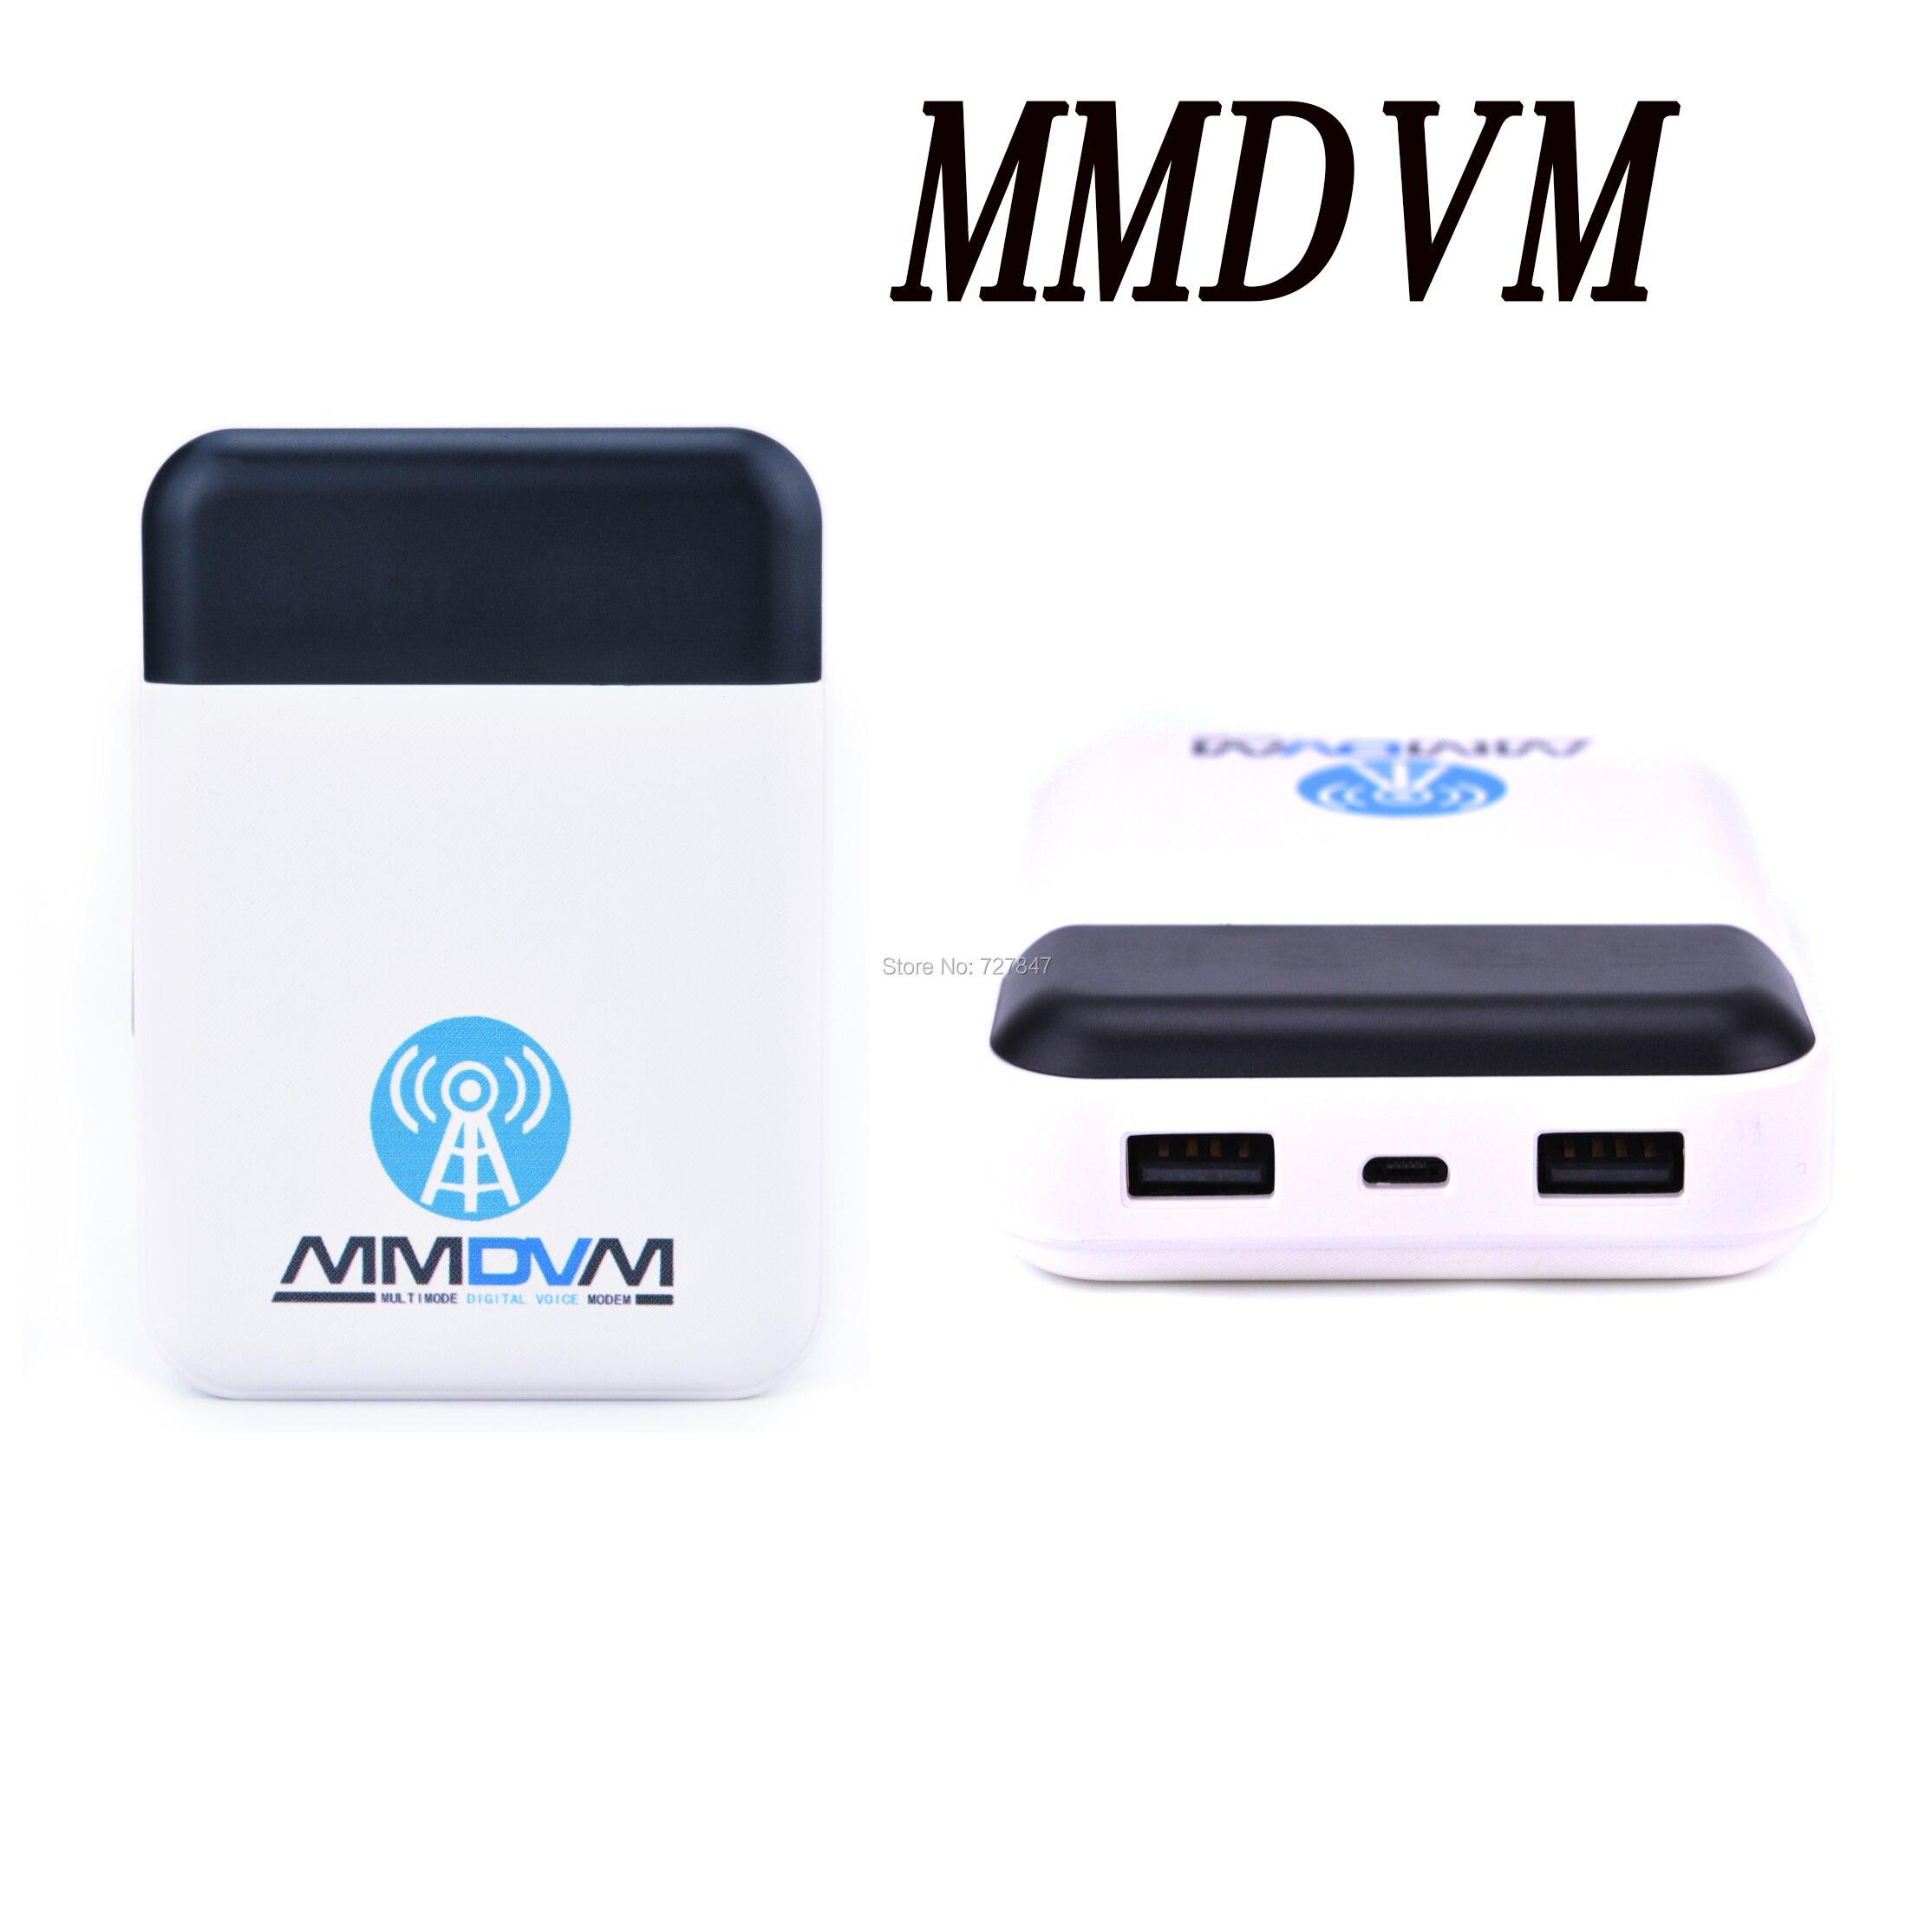 NUOVO UV Funzione di Ripetitore Wifi Digitale Hotsopt MMDVM Supporto DMR + P25 + YSF QSO allinterno con batteria 2000 mahNUOVO UV Funzione di Ripetitore Wifi Digitale Hotsopt MMDVM Supporto DMR + P25 + YSF QSO allinterno con batteria 2000 mah